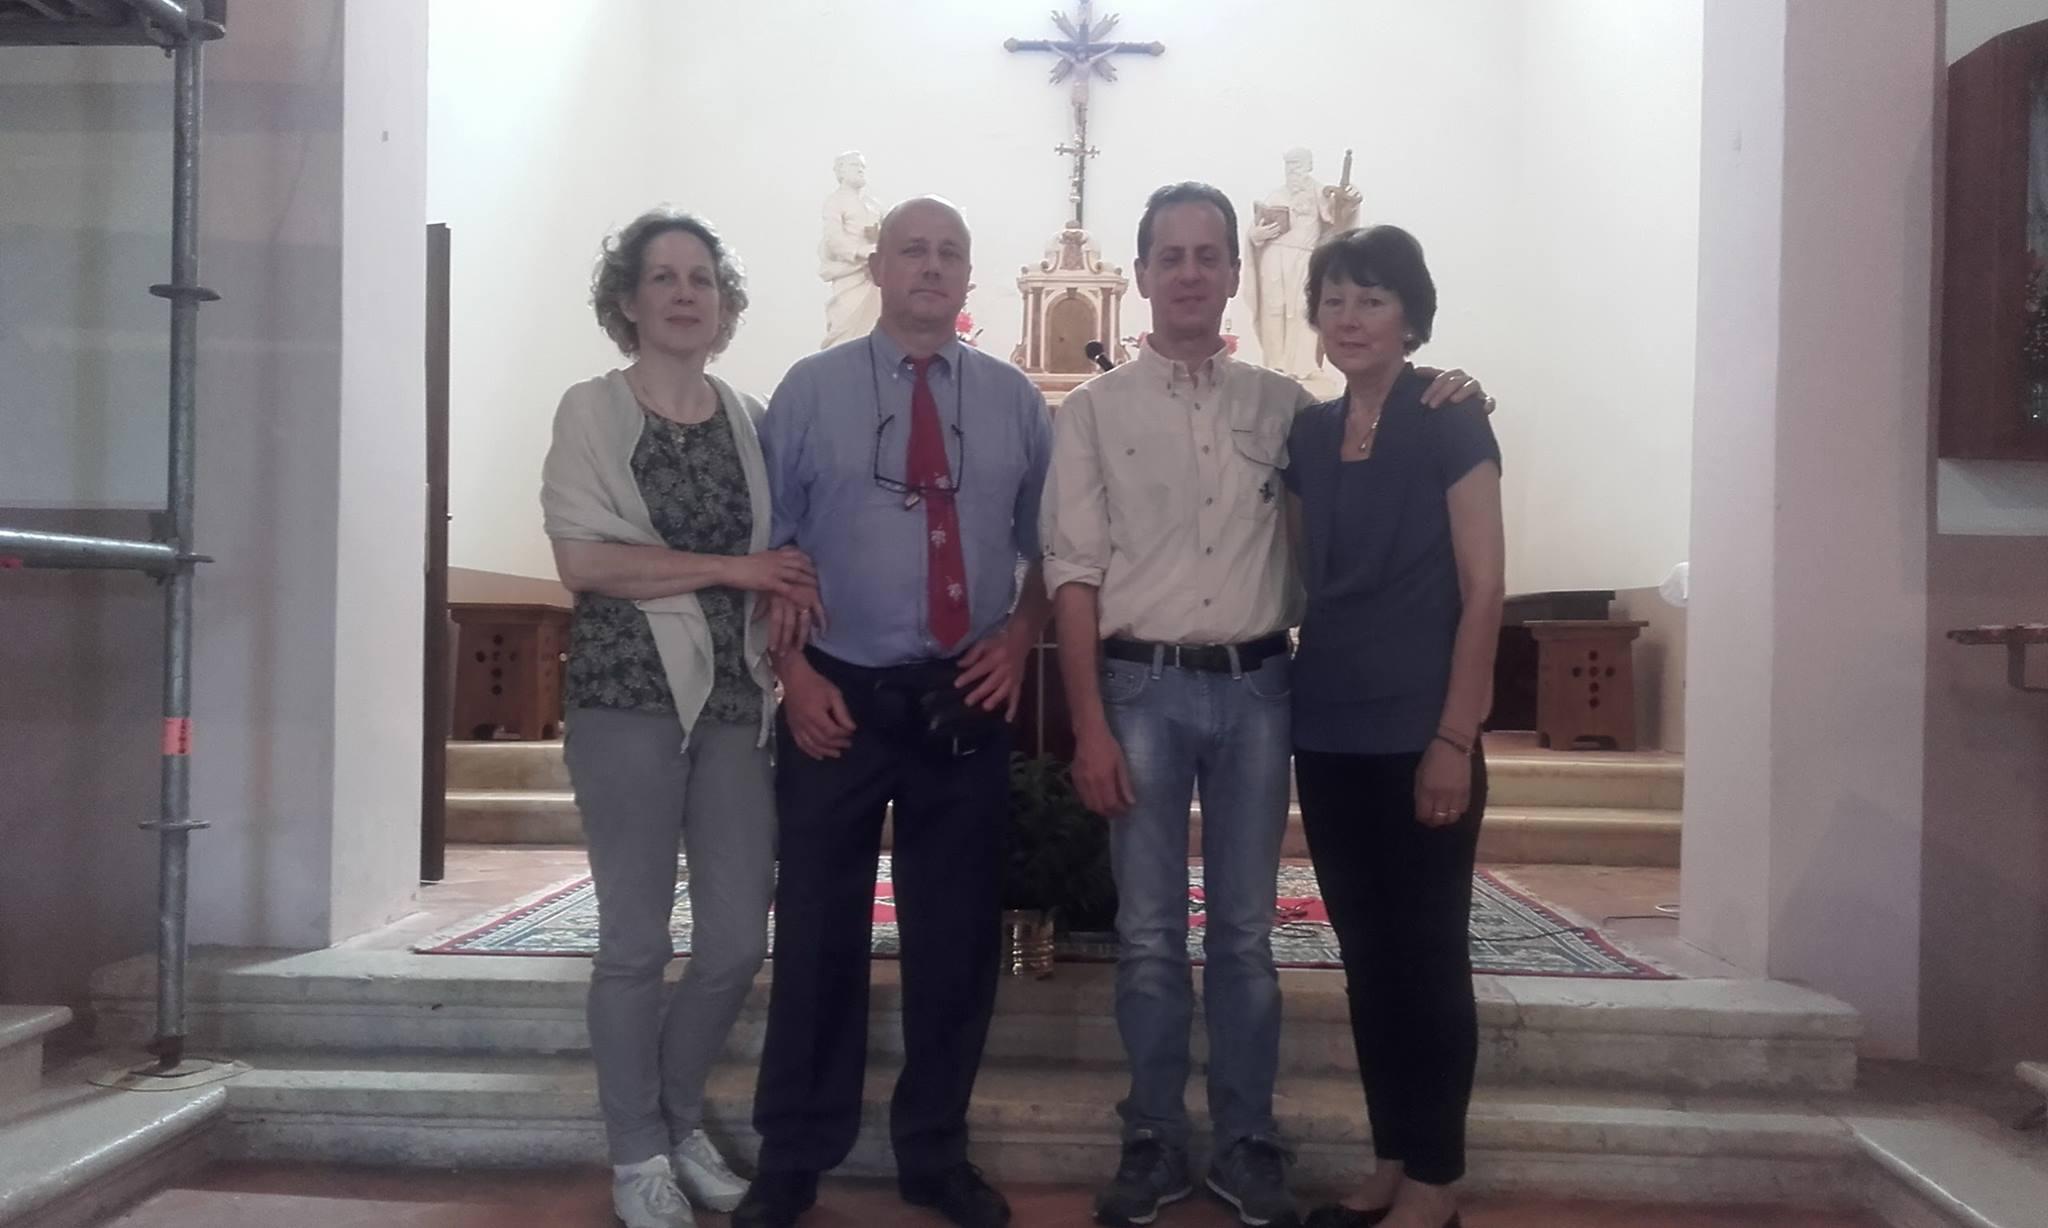 Marilia con Mauro e Giorgio con Fabiola, 35 anni dopo: 29 giugno 2016